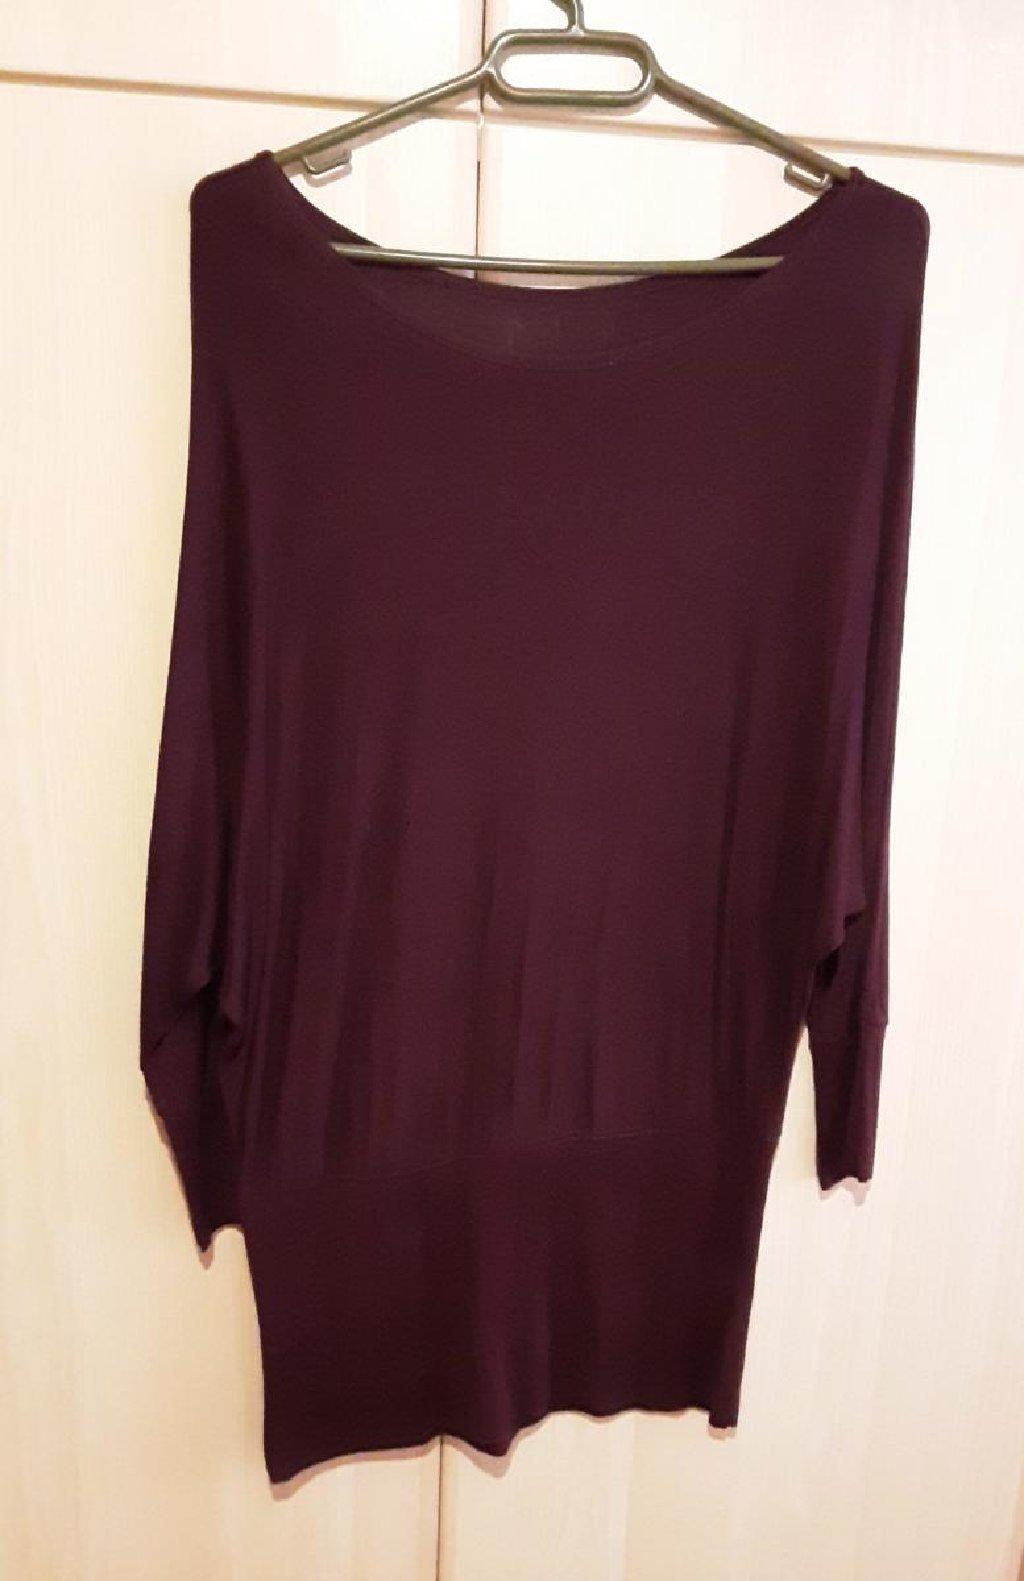 Μπλούζα, S/M, ελάχιστα φορεμένη, πολύ καλή κατάσταση, χρώμα : μωβ